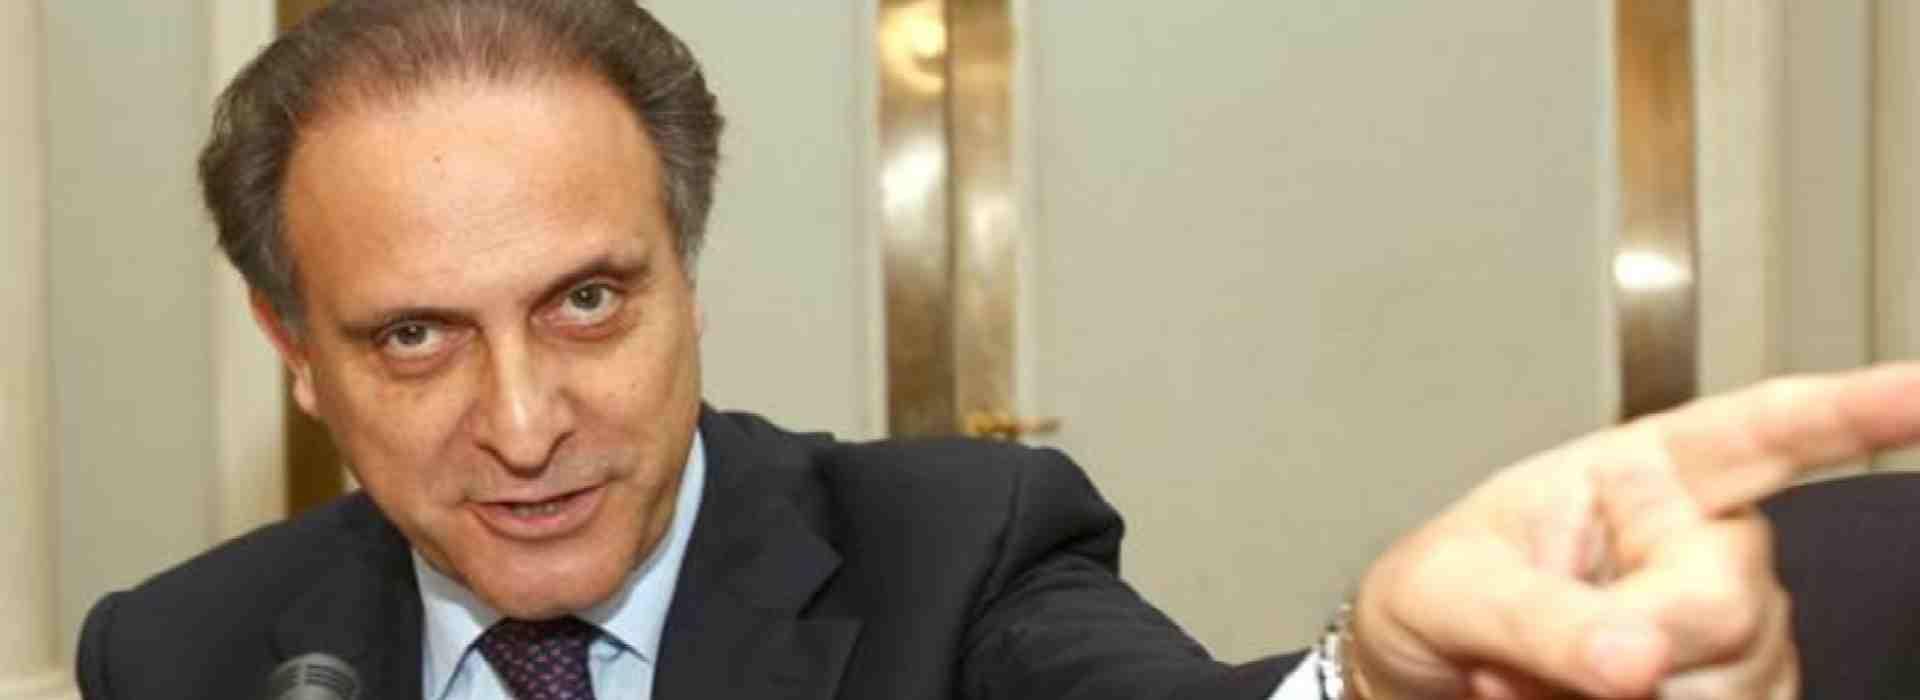 Lorenzo Cesa non ha fatto affari con la 'ndrangheta. La procura che lo accusava ha stralciato la sua posizione